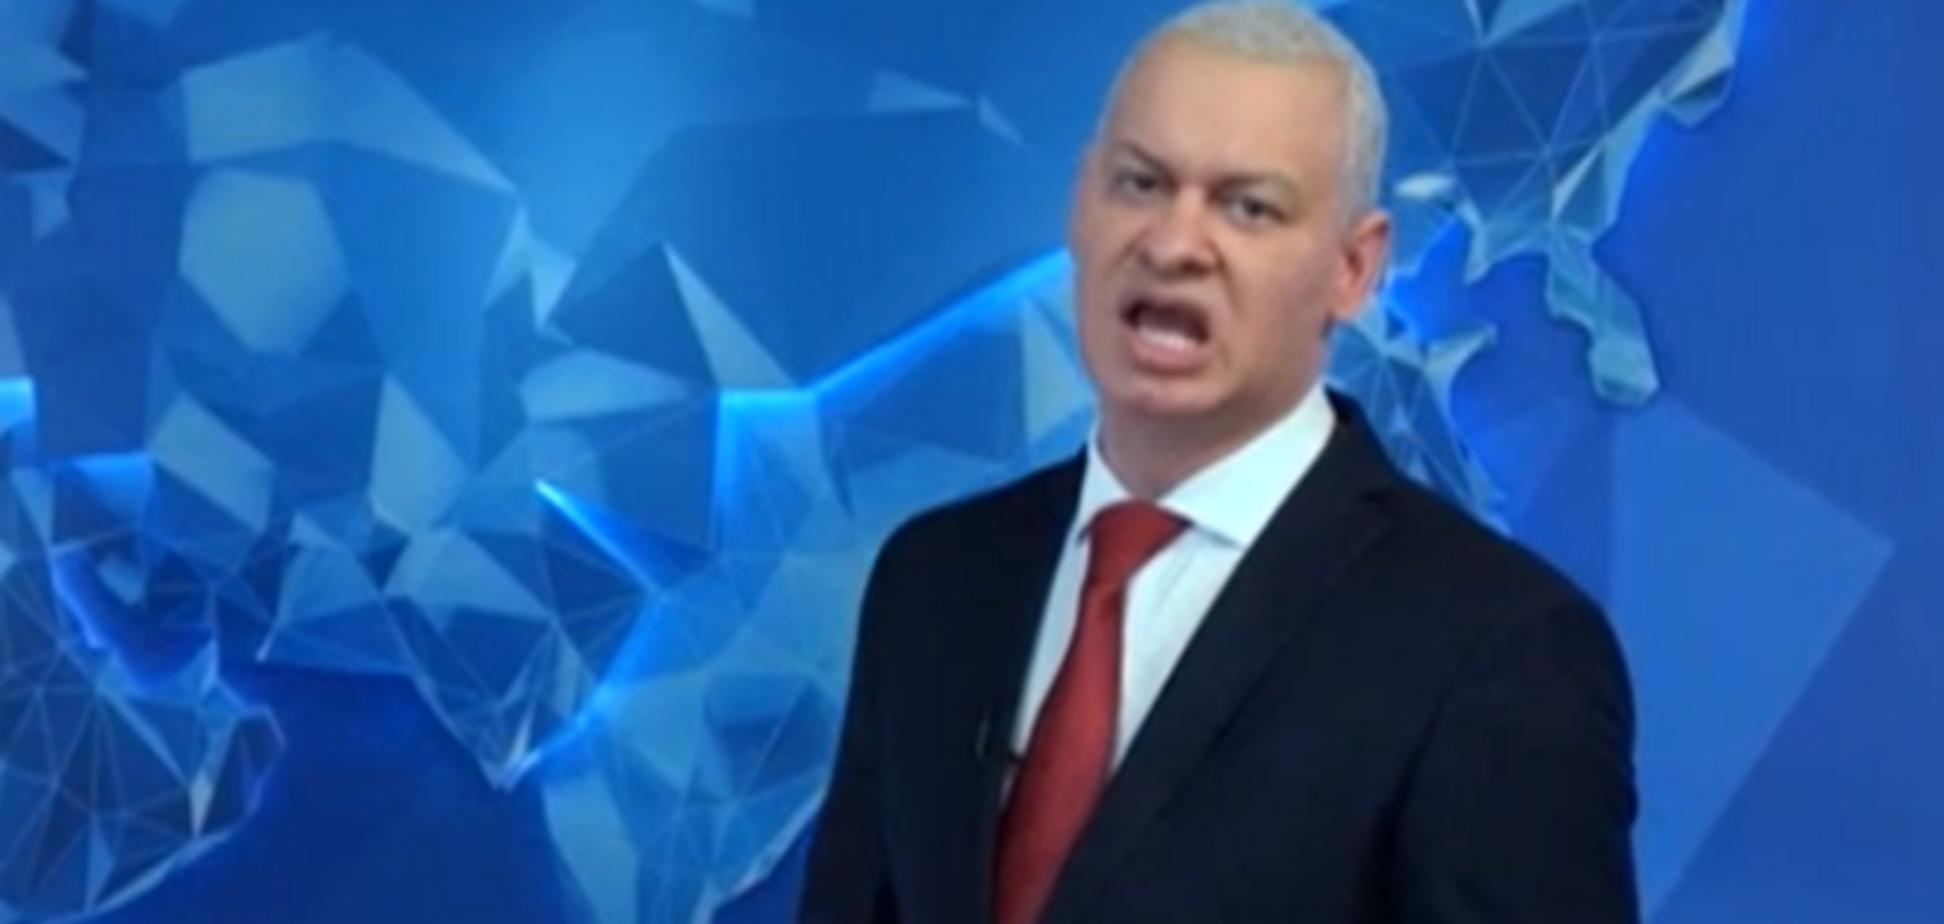 '95 квартал' высмеял пропагандиста Киселева: видеопародия на канале 'Рассея1'